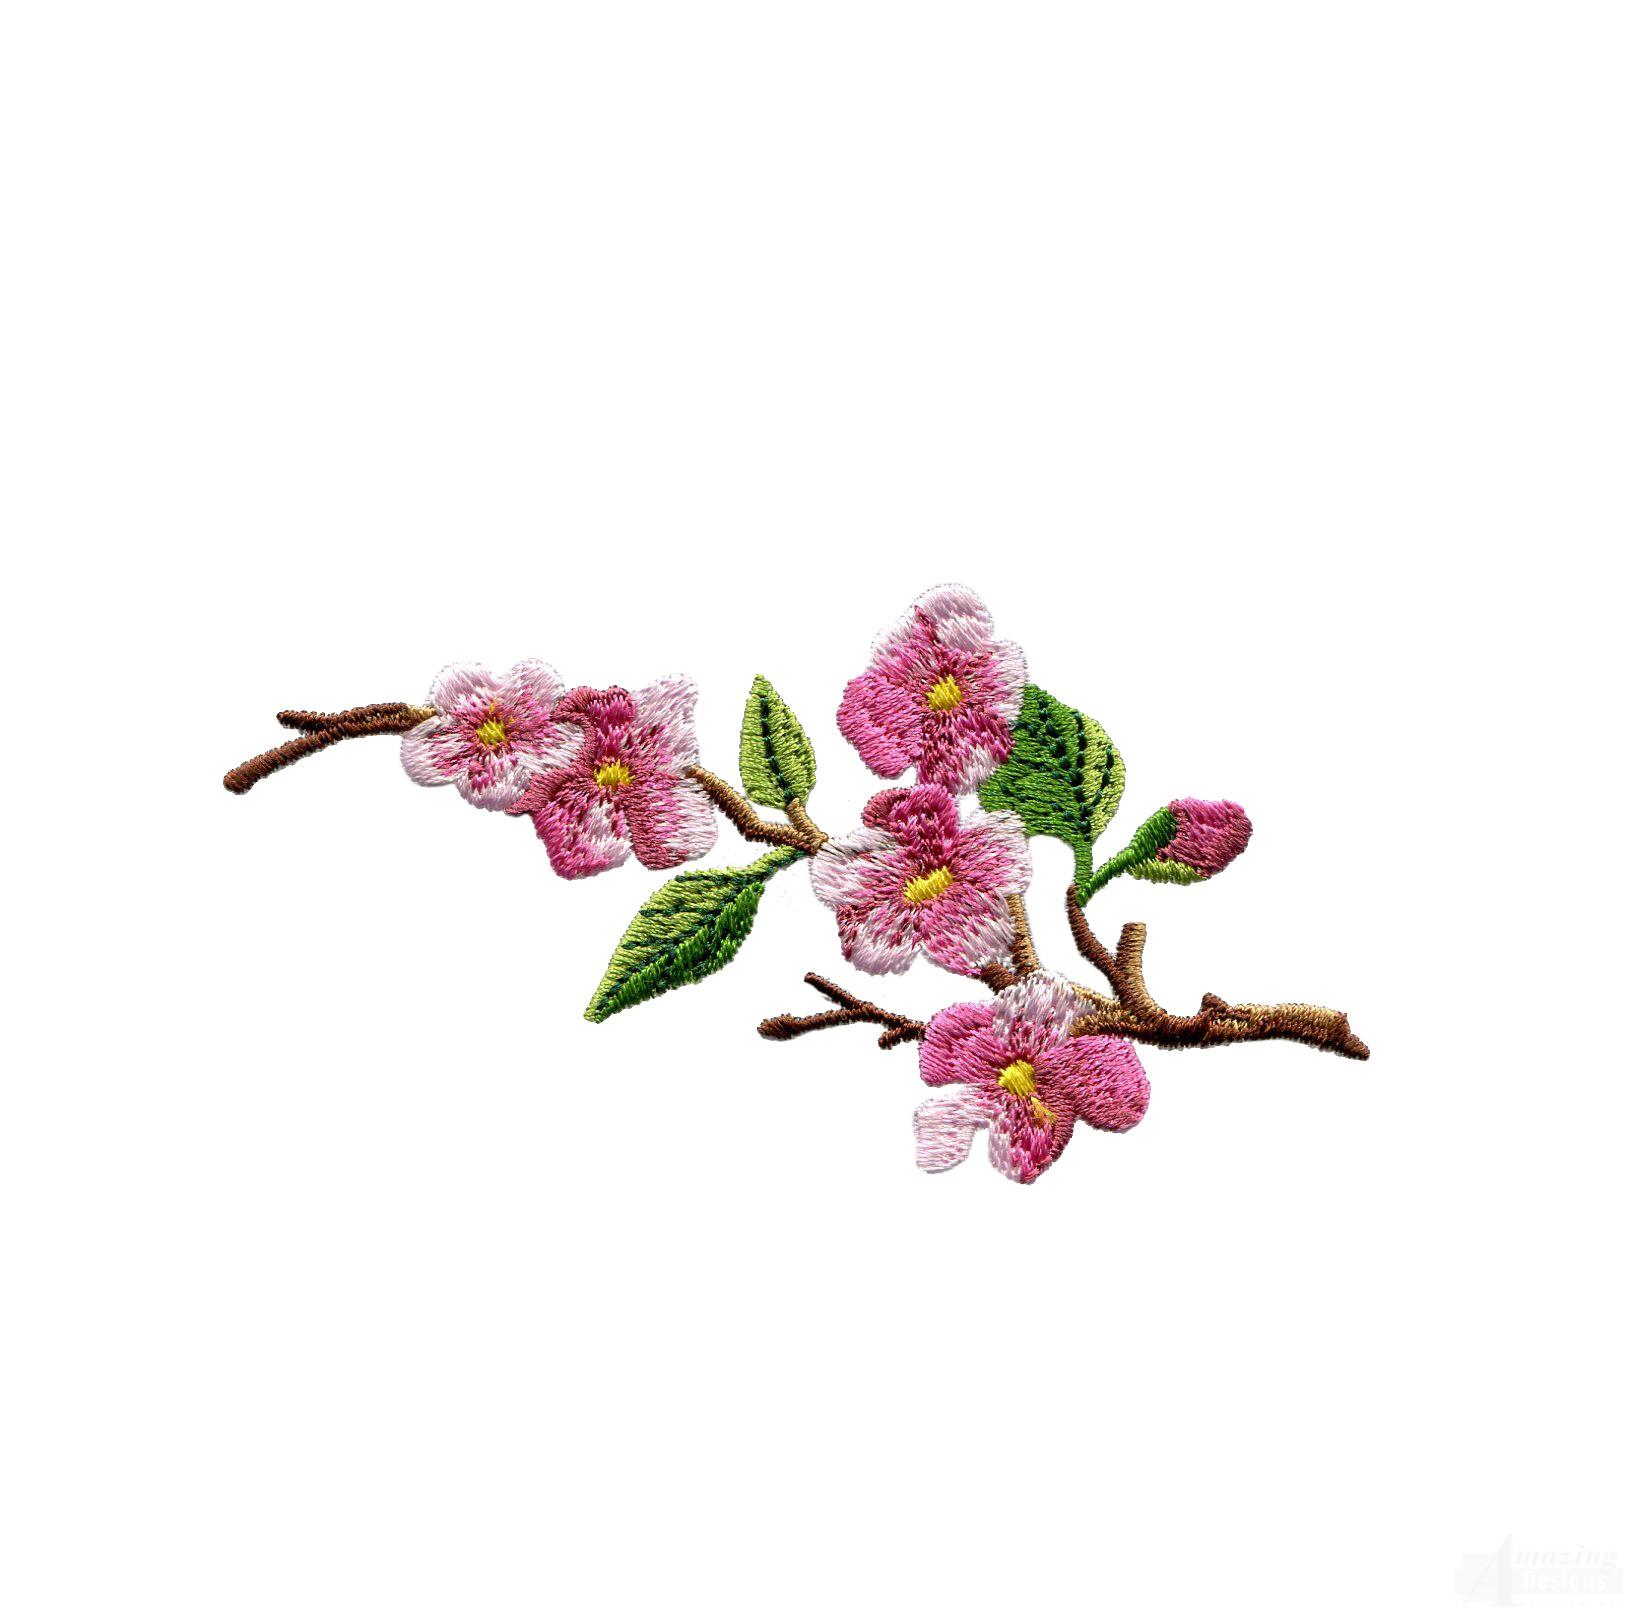 Swngg131 a geishas garden embroidery design for Garden embroidery designs